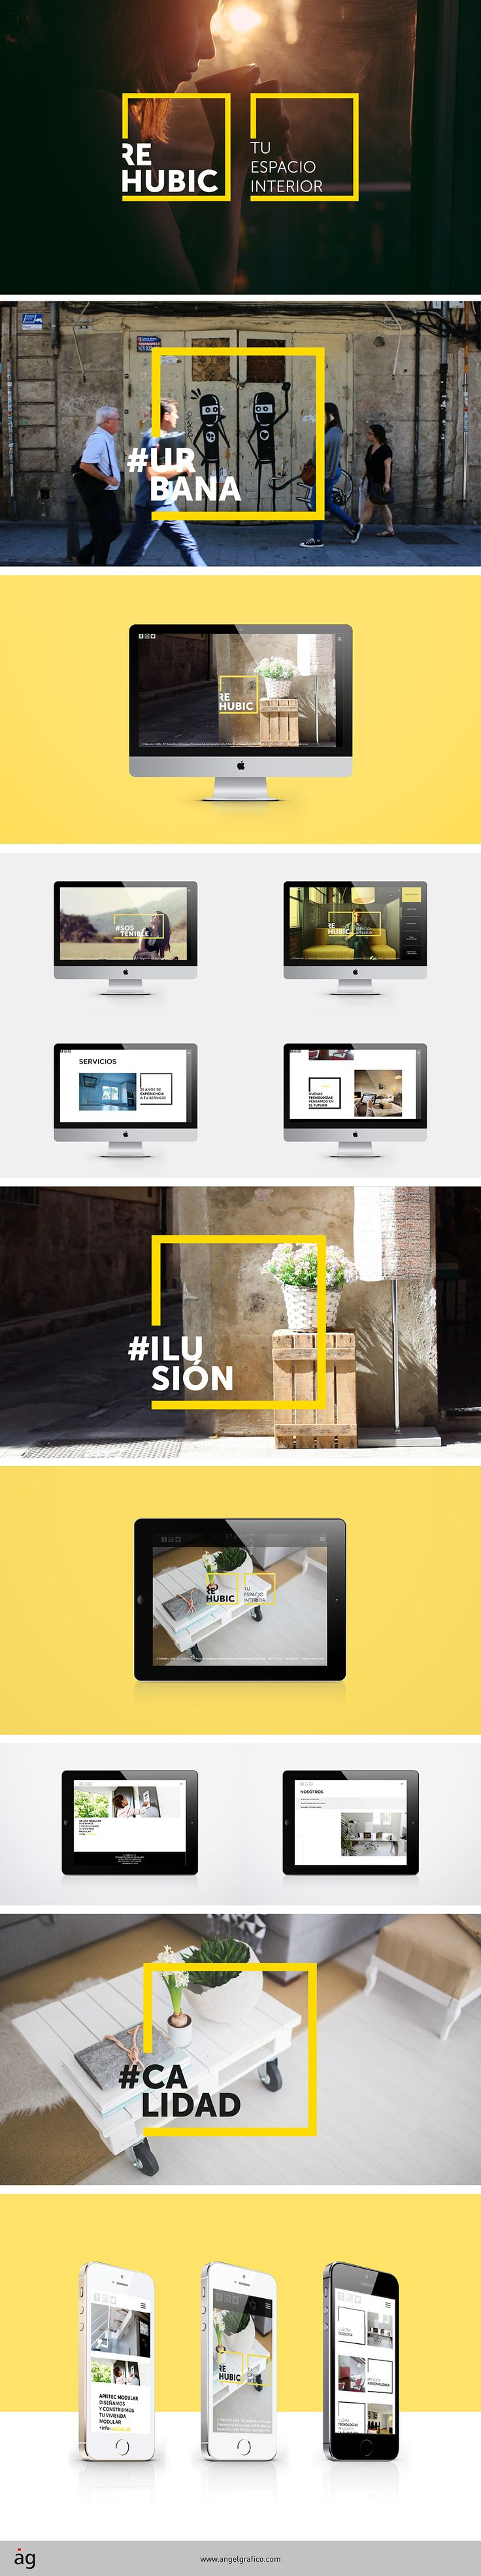 """REHUBIC """"Tu espacio interior"""" by angelgrafico.com #naming #branding #identidadcorporativa #diseño #desing #diseñografico #graphicdesign #webdesing #diseñoweb #cominicaciongrafica #aplicaciongrafica  #campañapublicidad #advertising #publicidad #angelgrafico #angelgraficodisseny #parallax #html5 #responsive #responsivedesign #responsiveweb #web #tablet #phone #movil #rehubic #interiorismo #espacio #reforma  #reformavivienda #construccion #urban #brand #marketing #emocion #tendencia"""